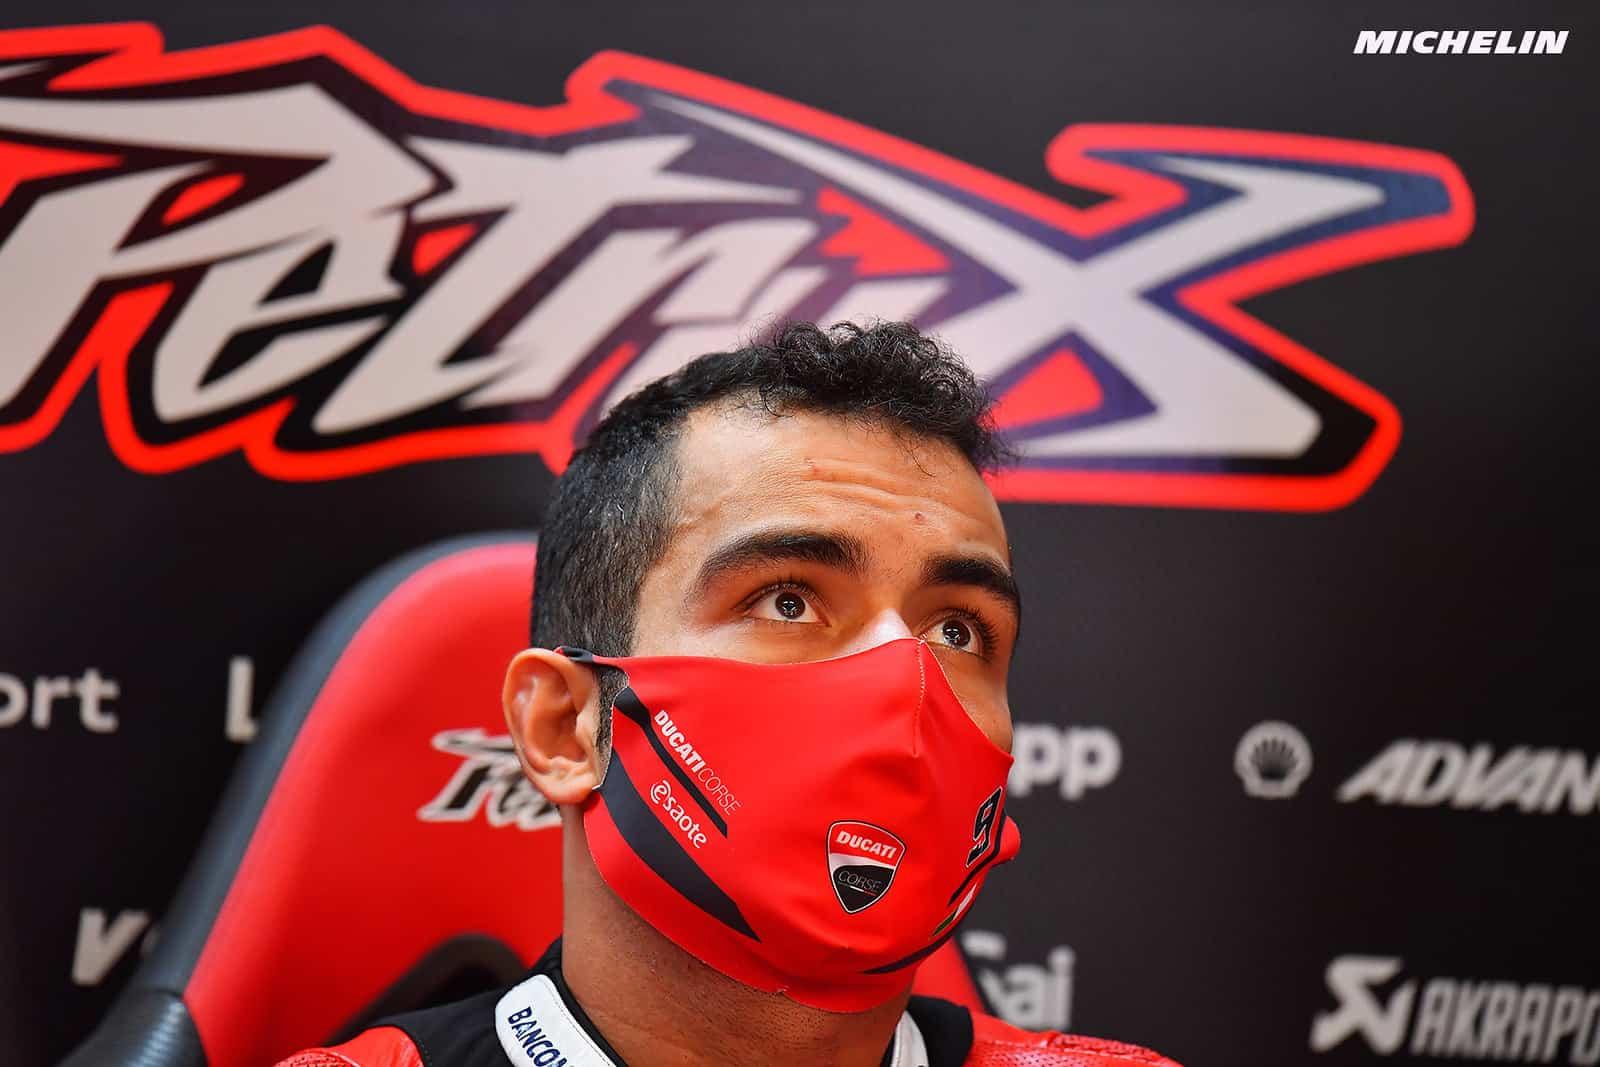 MotoGP2021 ダニーロ・ペトルッチ 「KTMで最速ライダーになりたい」